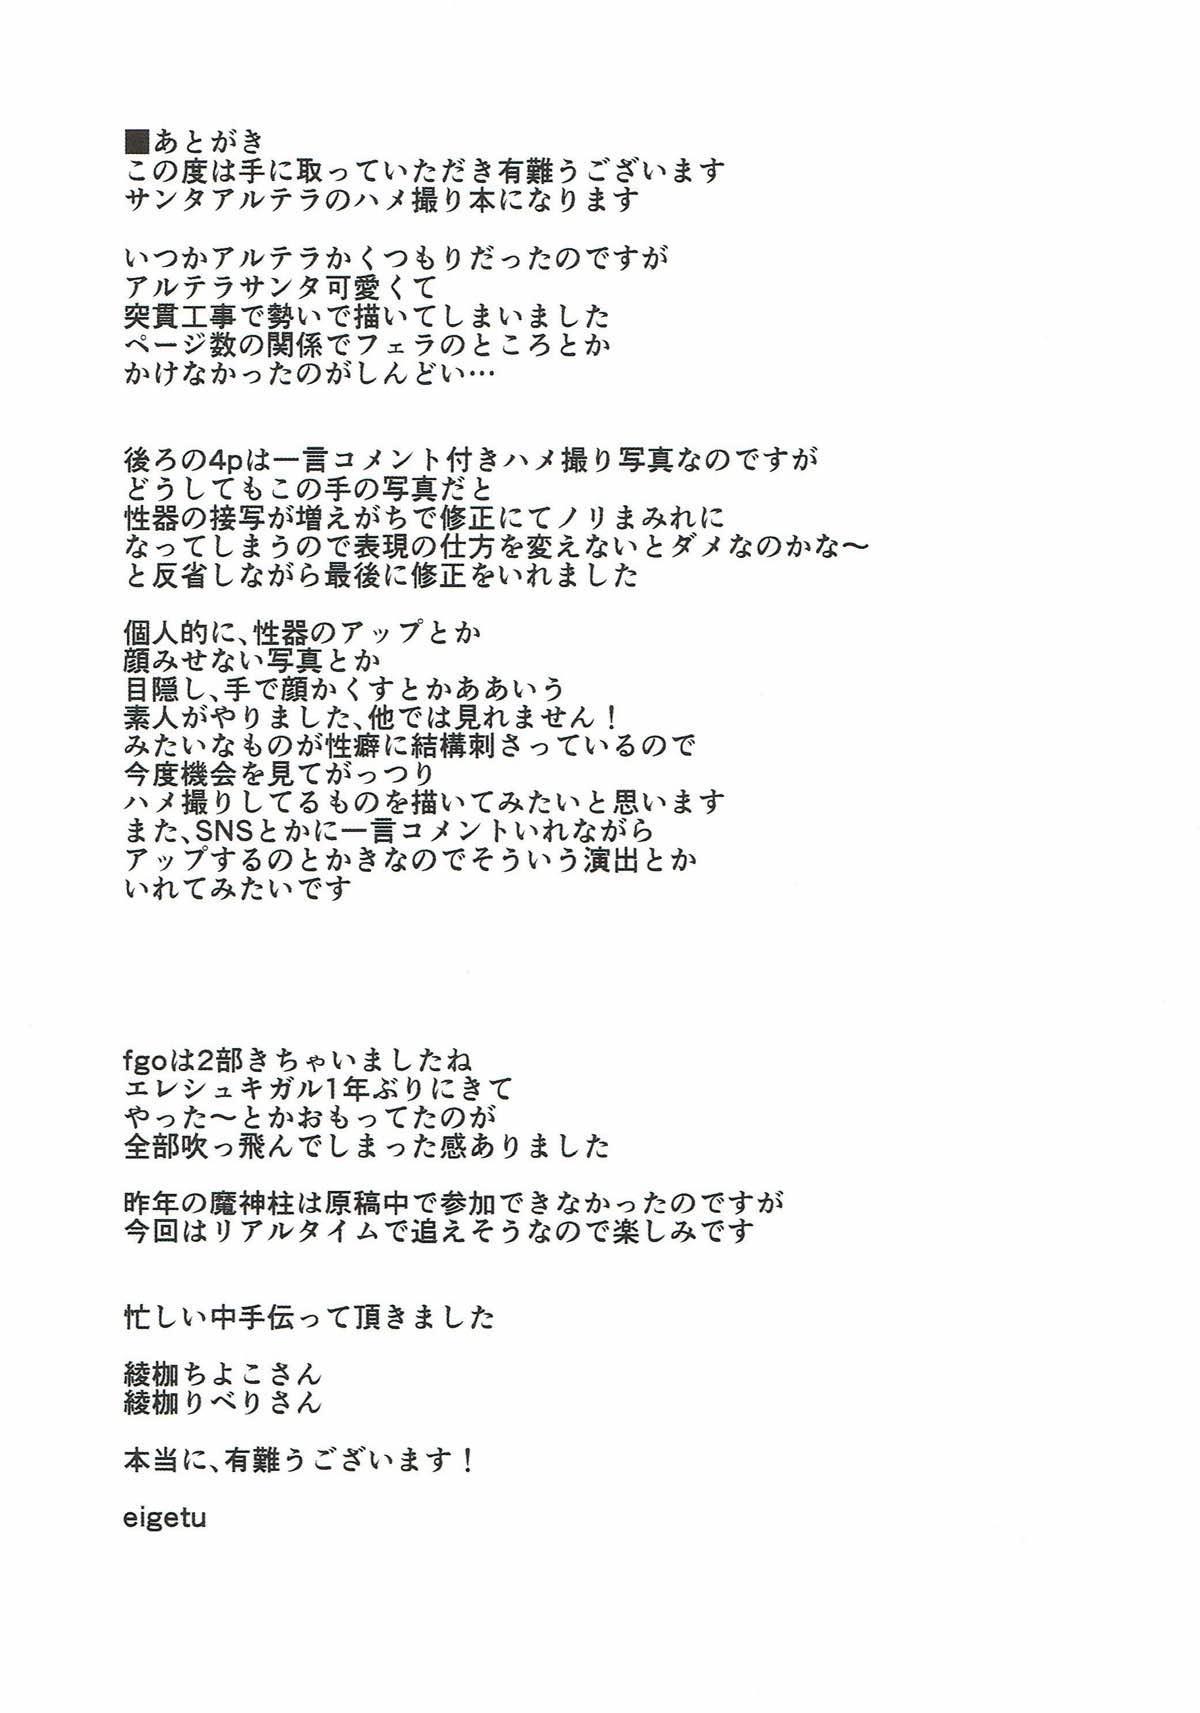 Present Hoshii Mono ga nai? Kore Igai... Naraba Shikata ga Nai 16